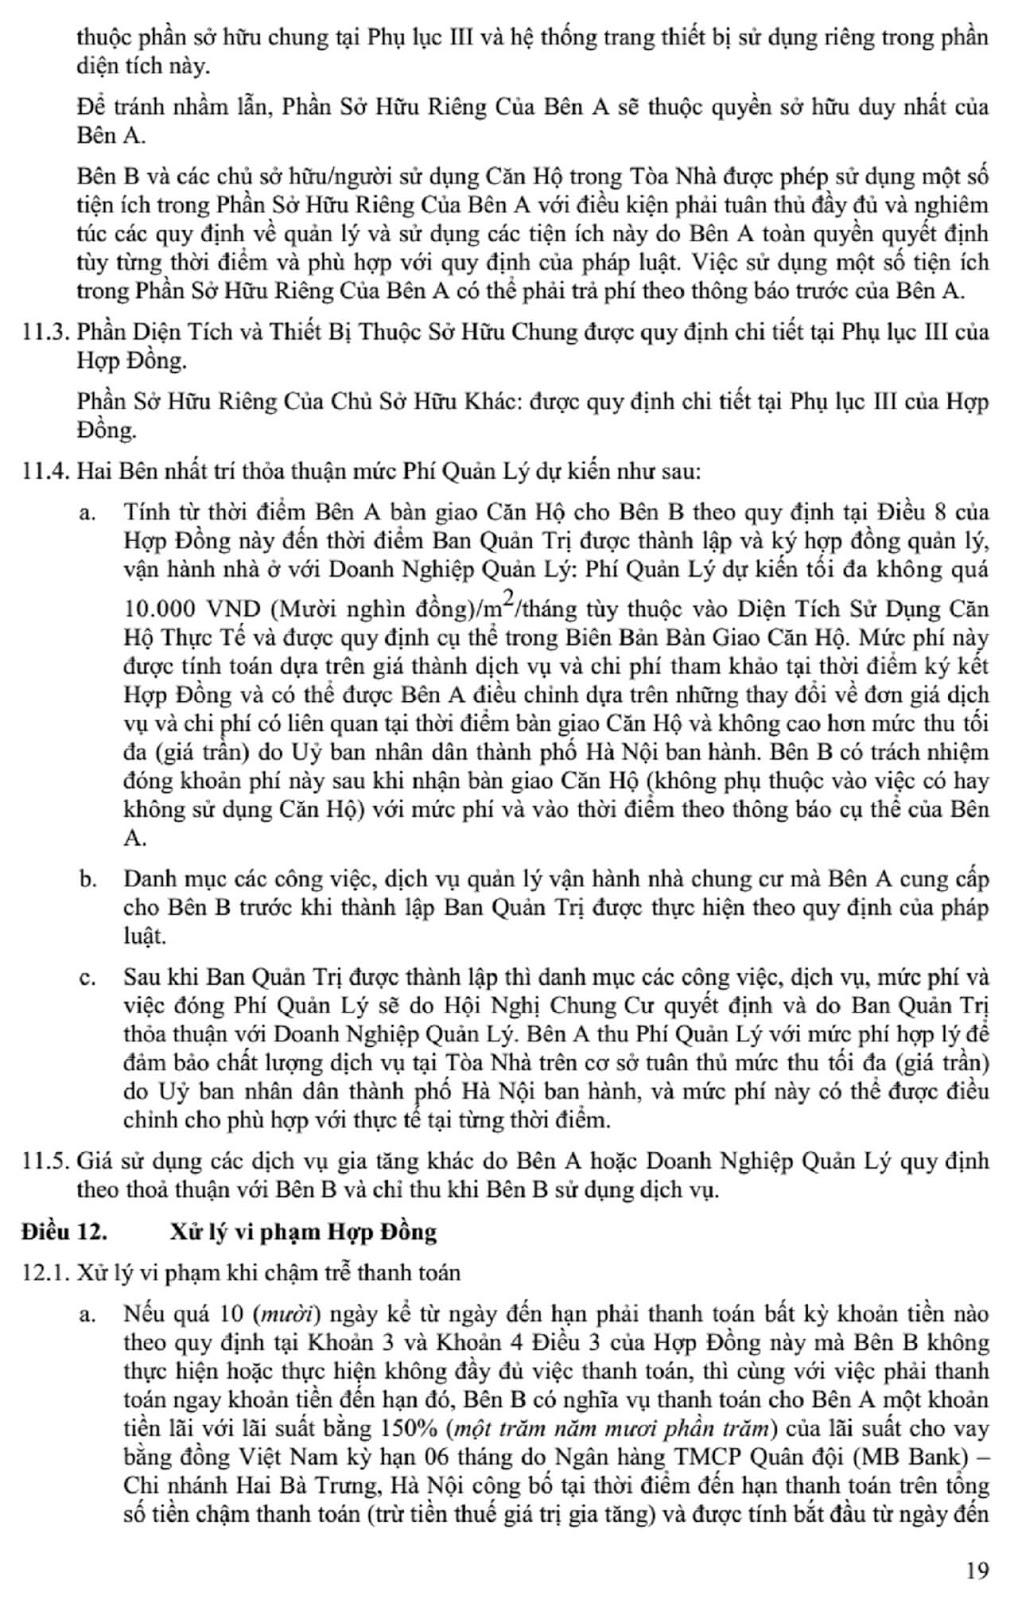 Hợp Đồng Mua Bán Chung Cư The Golden Palm